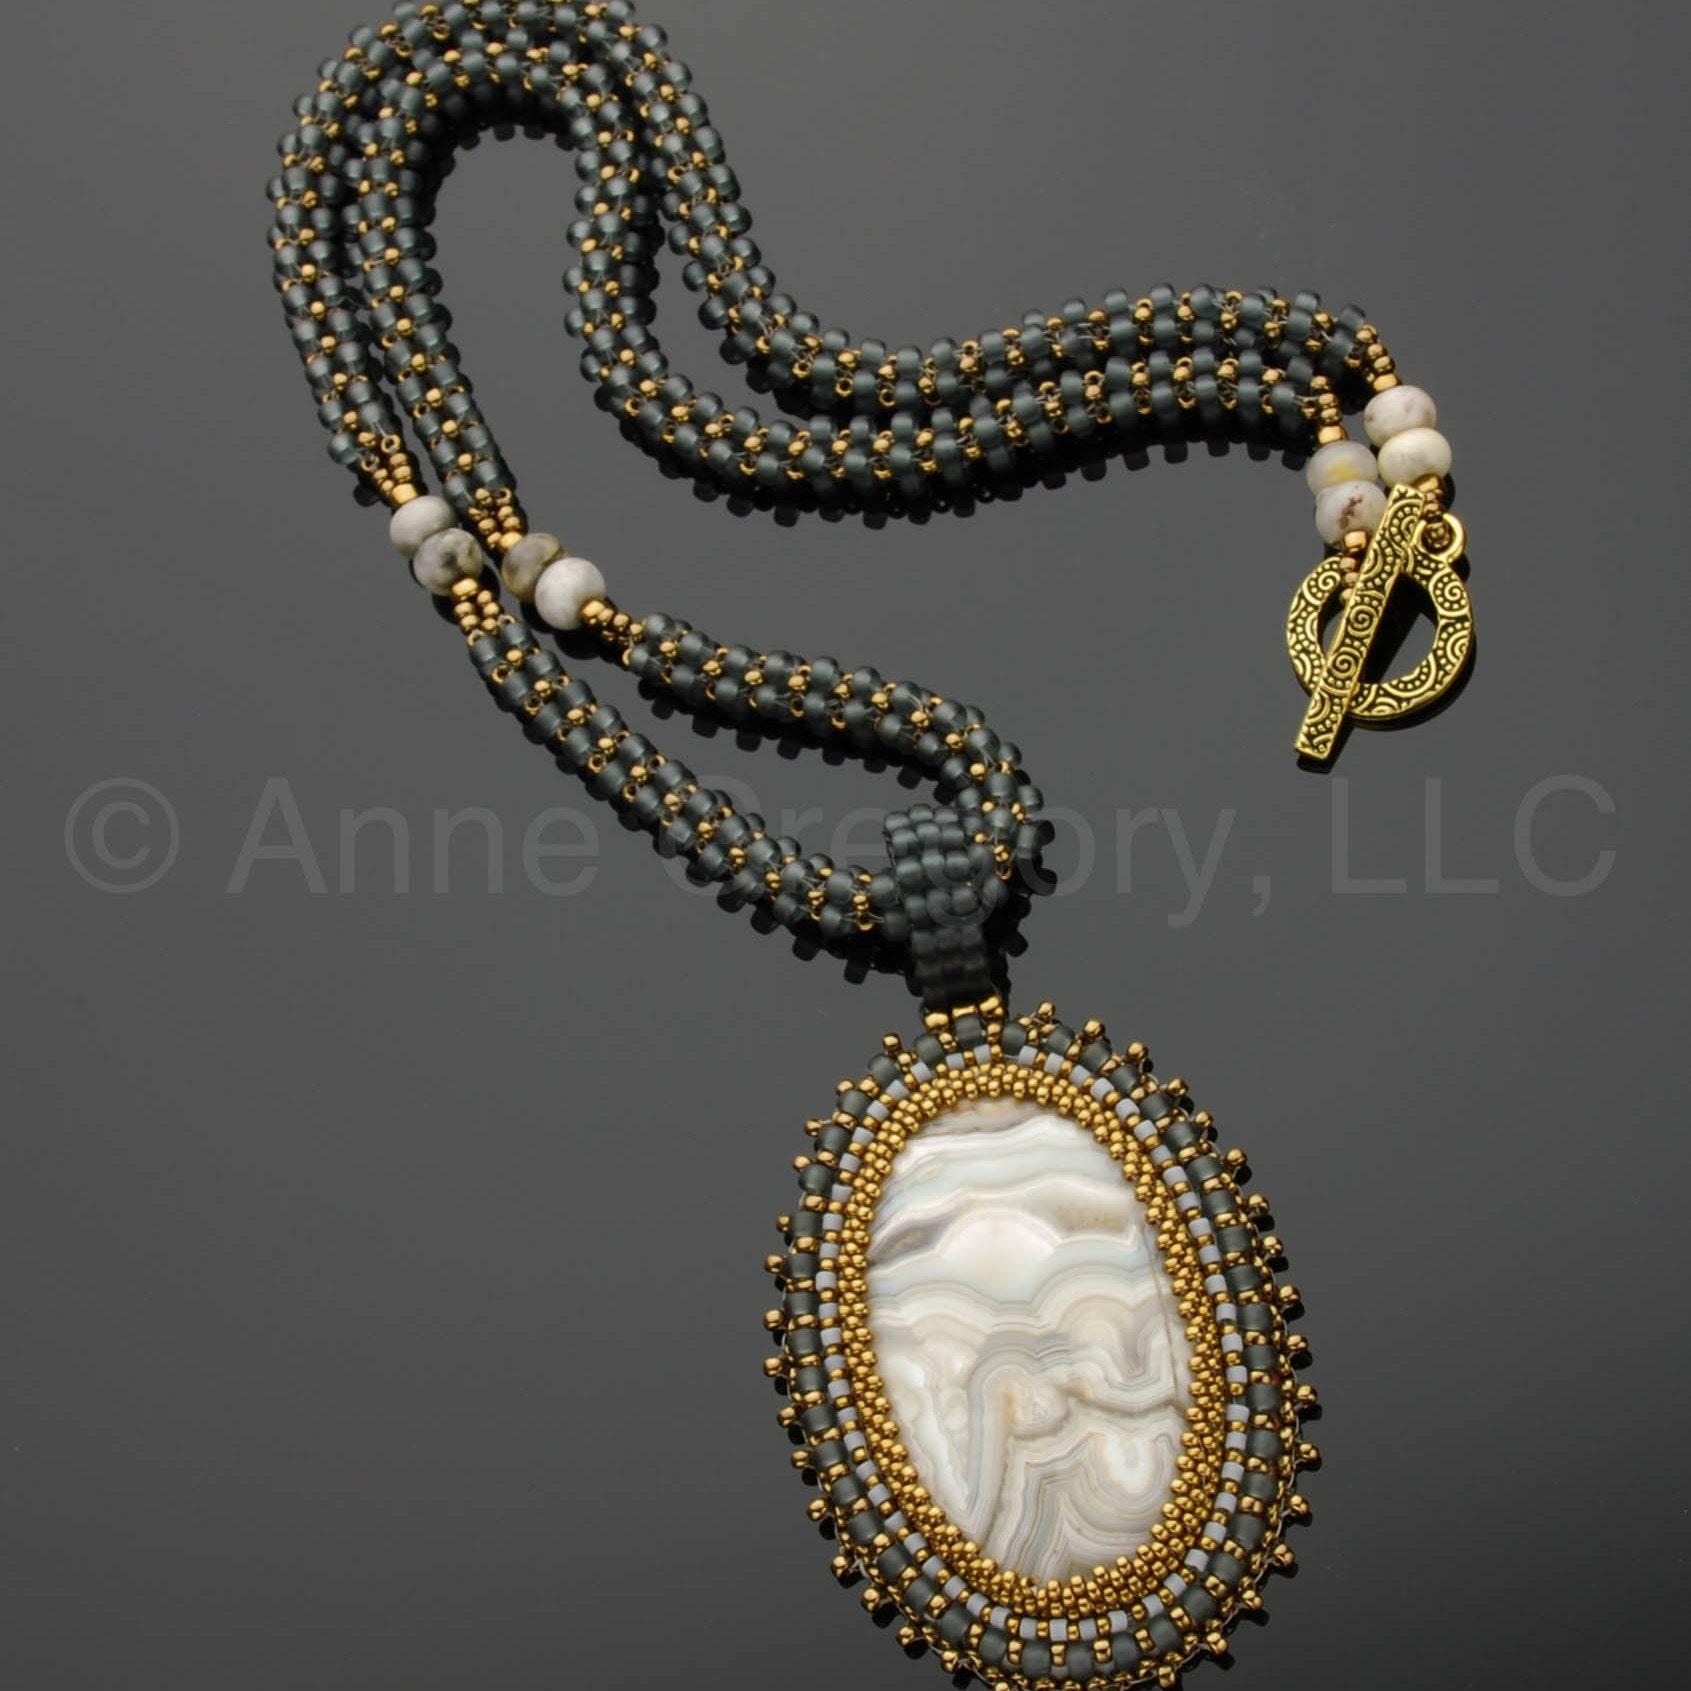 Elegant Handcrafted Art Jewelry von AnneGregoryJewelry auf Etsy